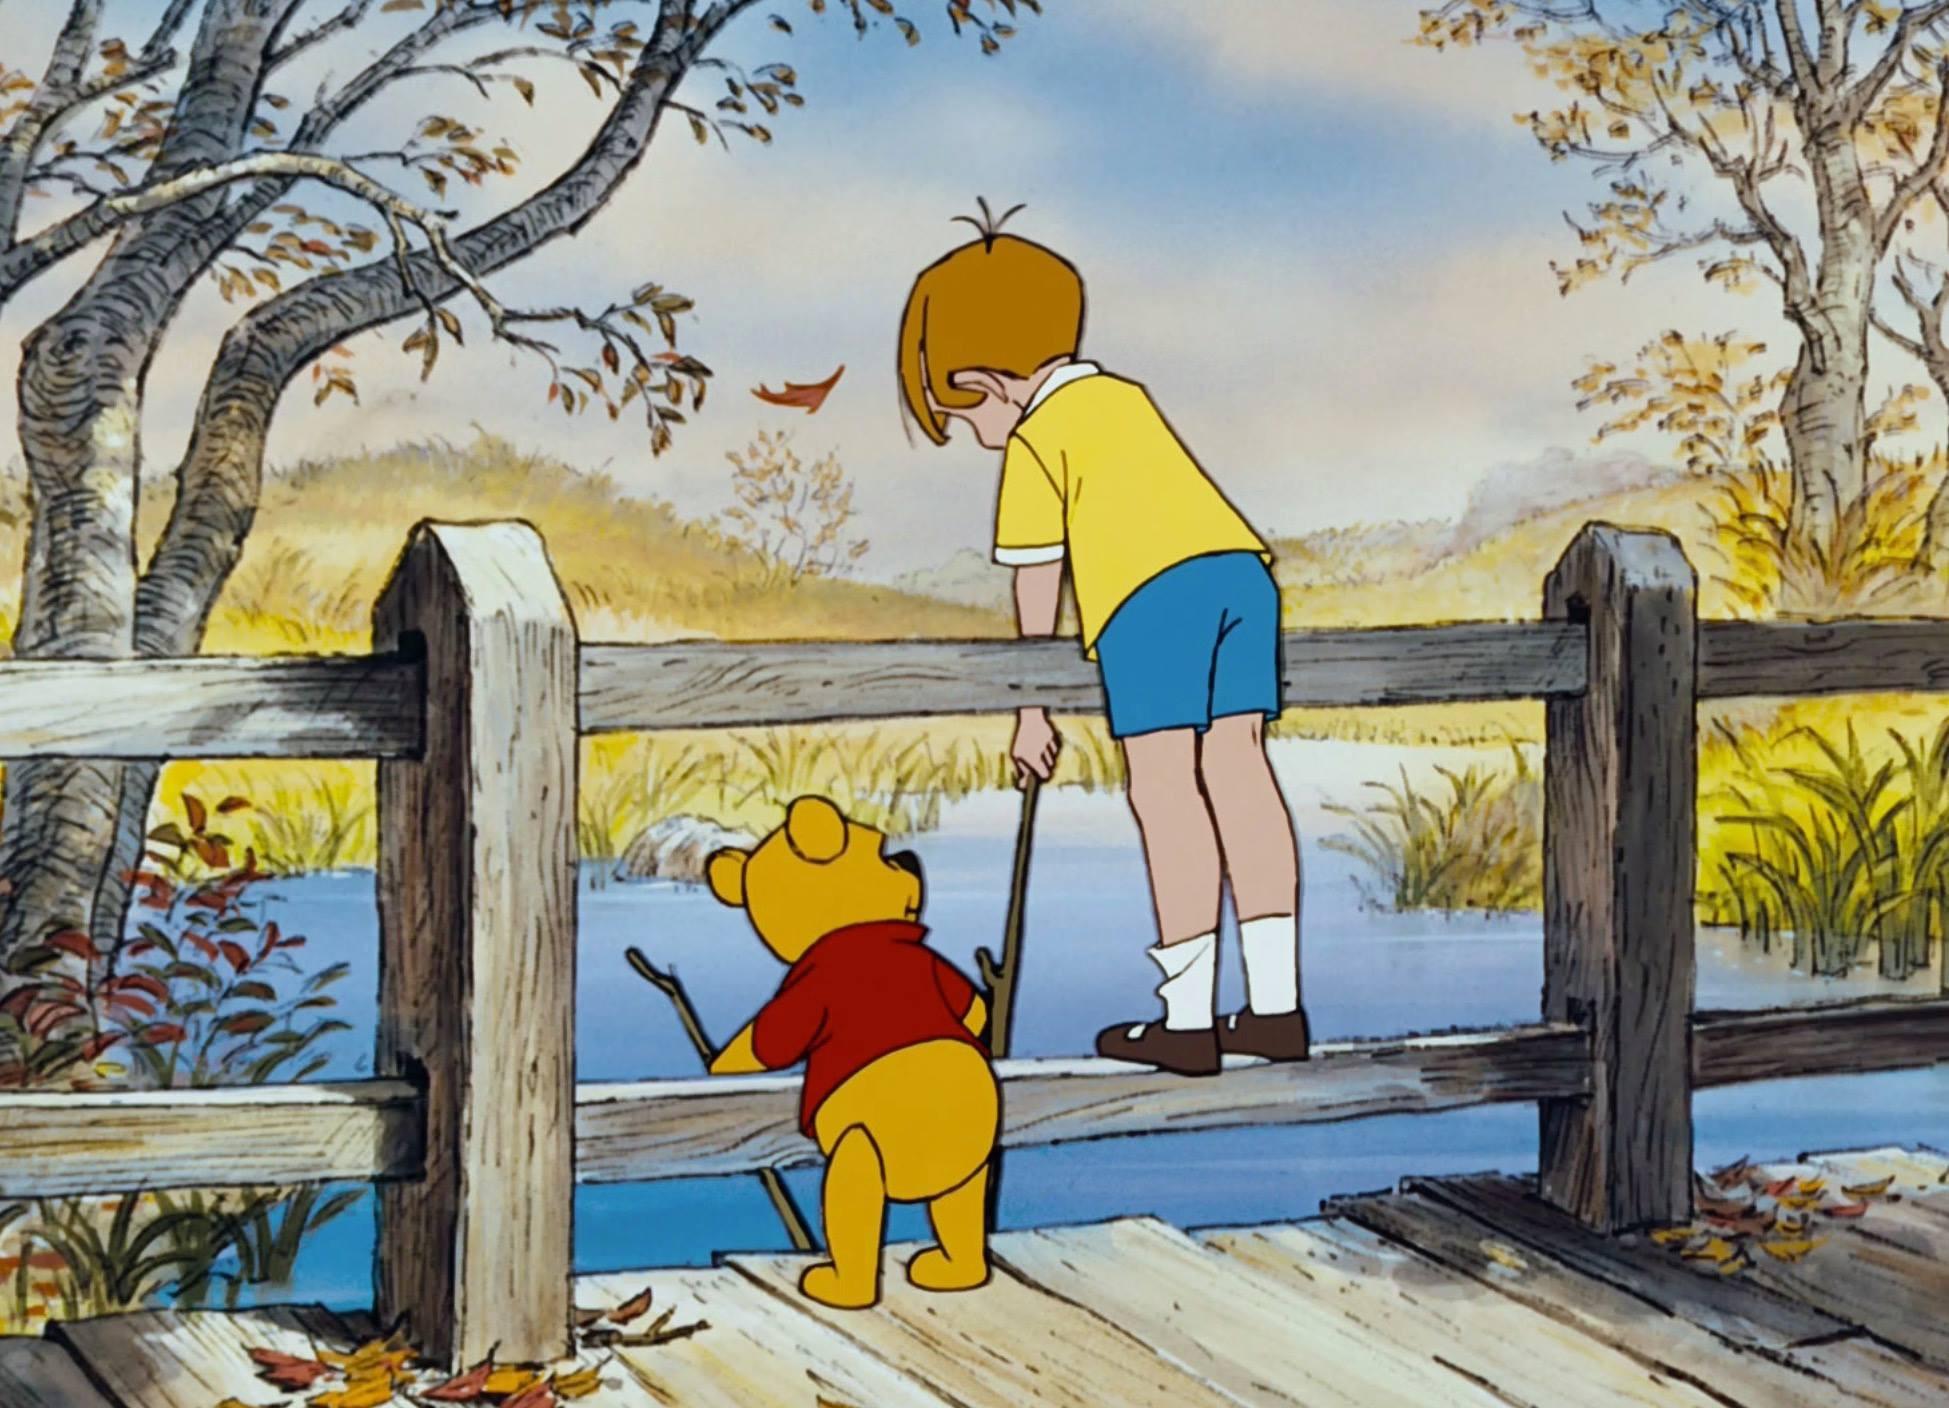 ▲▼克里斯多弗羅賓在電影中與維尼是最要好的朋友。(圖/翻攝自迪士尼「The Winnie The Pooh」Facebook)